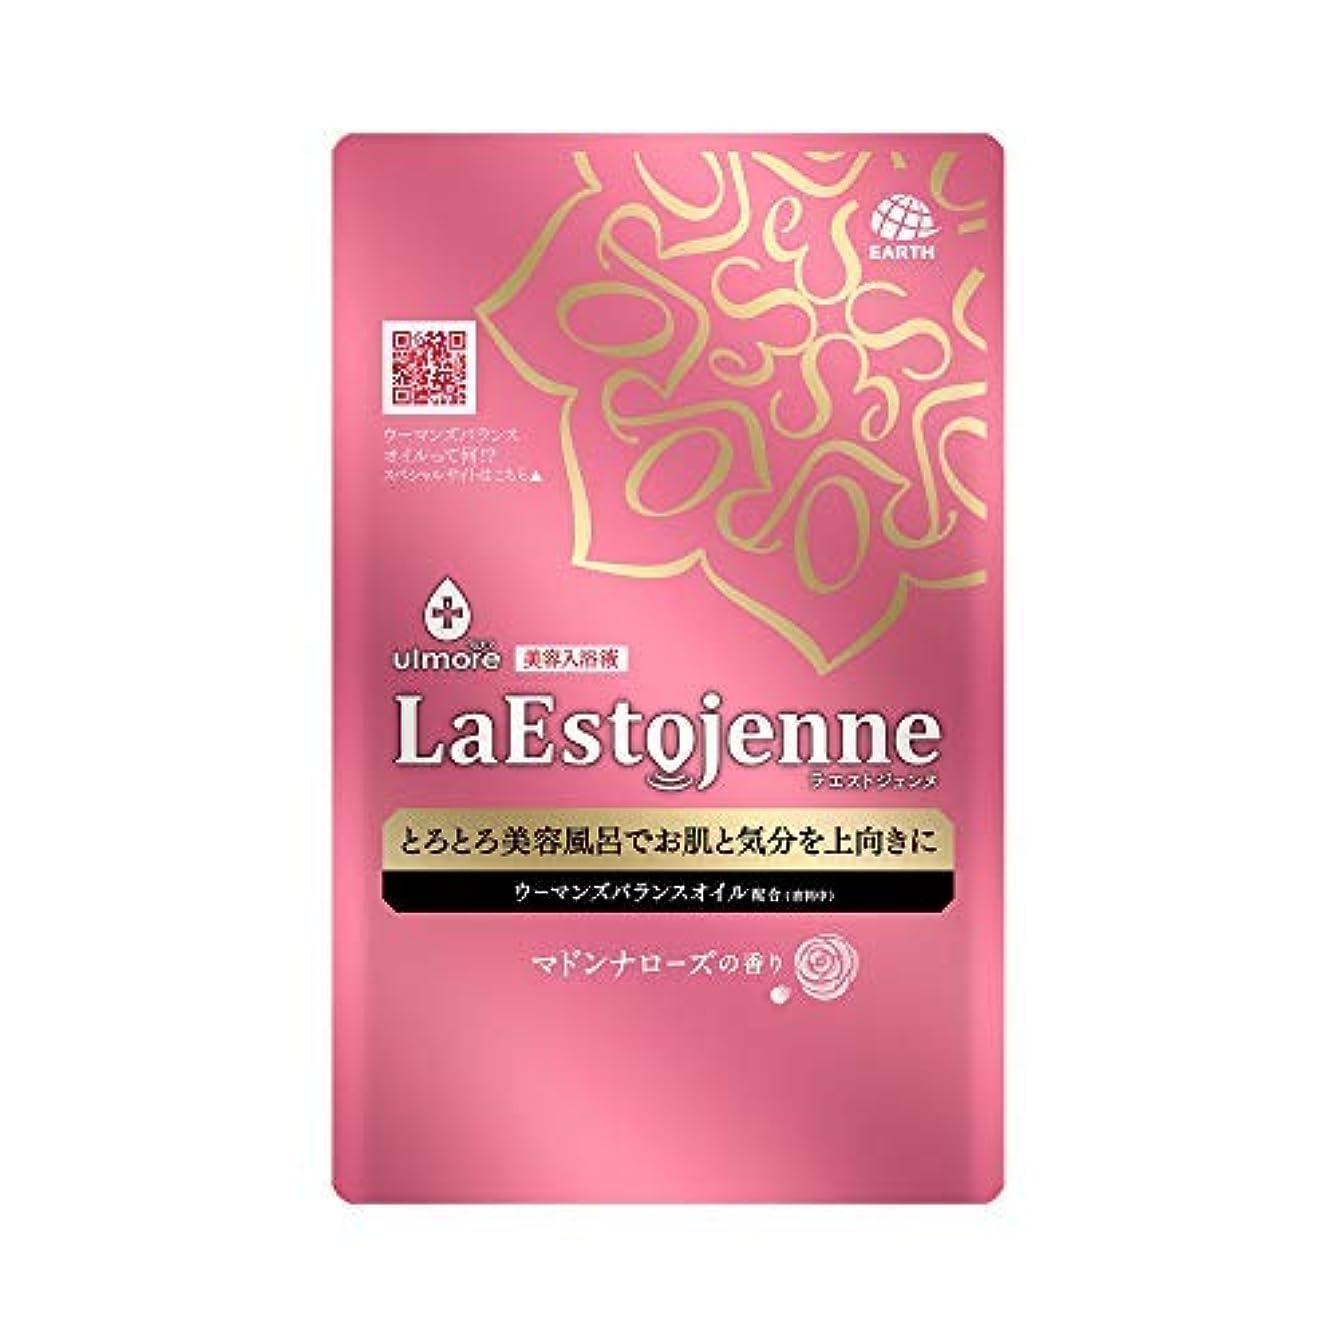 悪党フロンティアレイプウルモア ラエストジェンヌ マドンナローズの香り 1包 × 12個セット